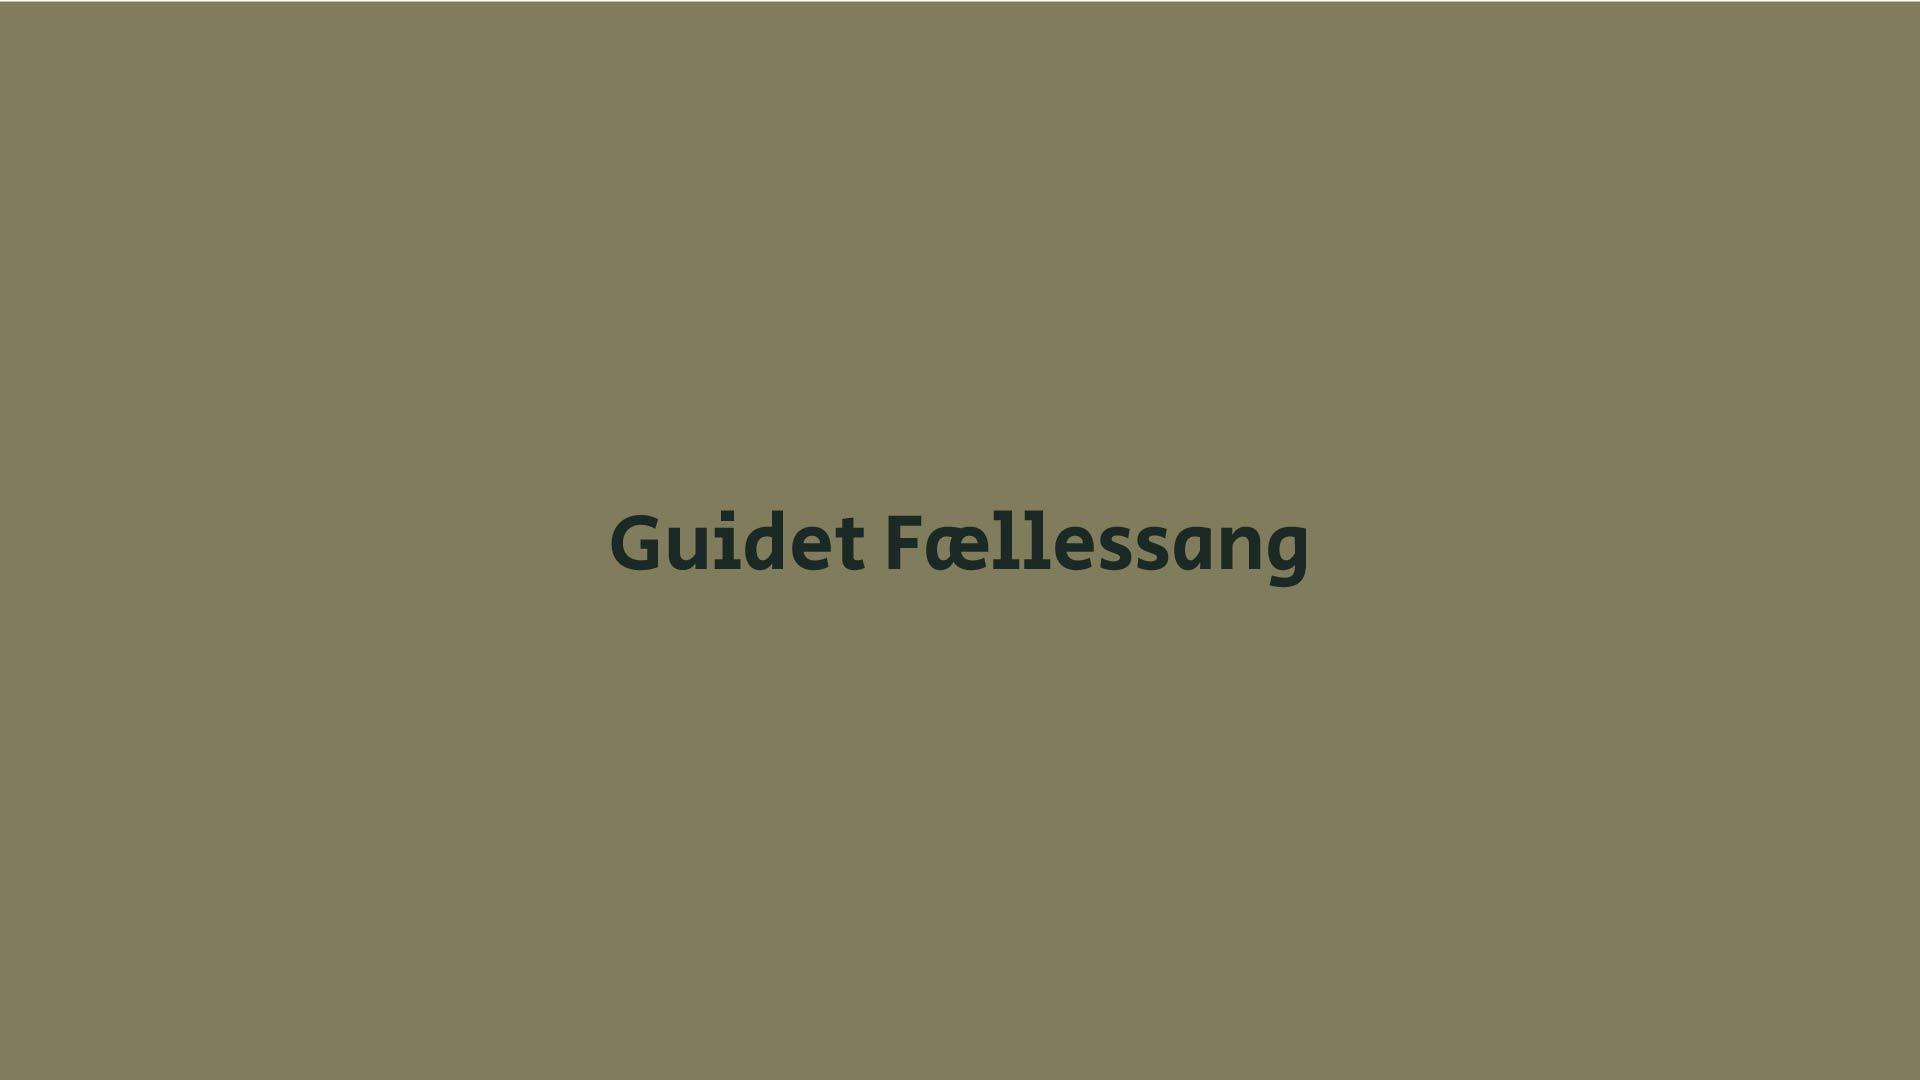 Guidet Fællessang